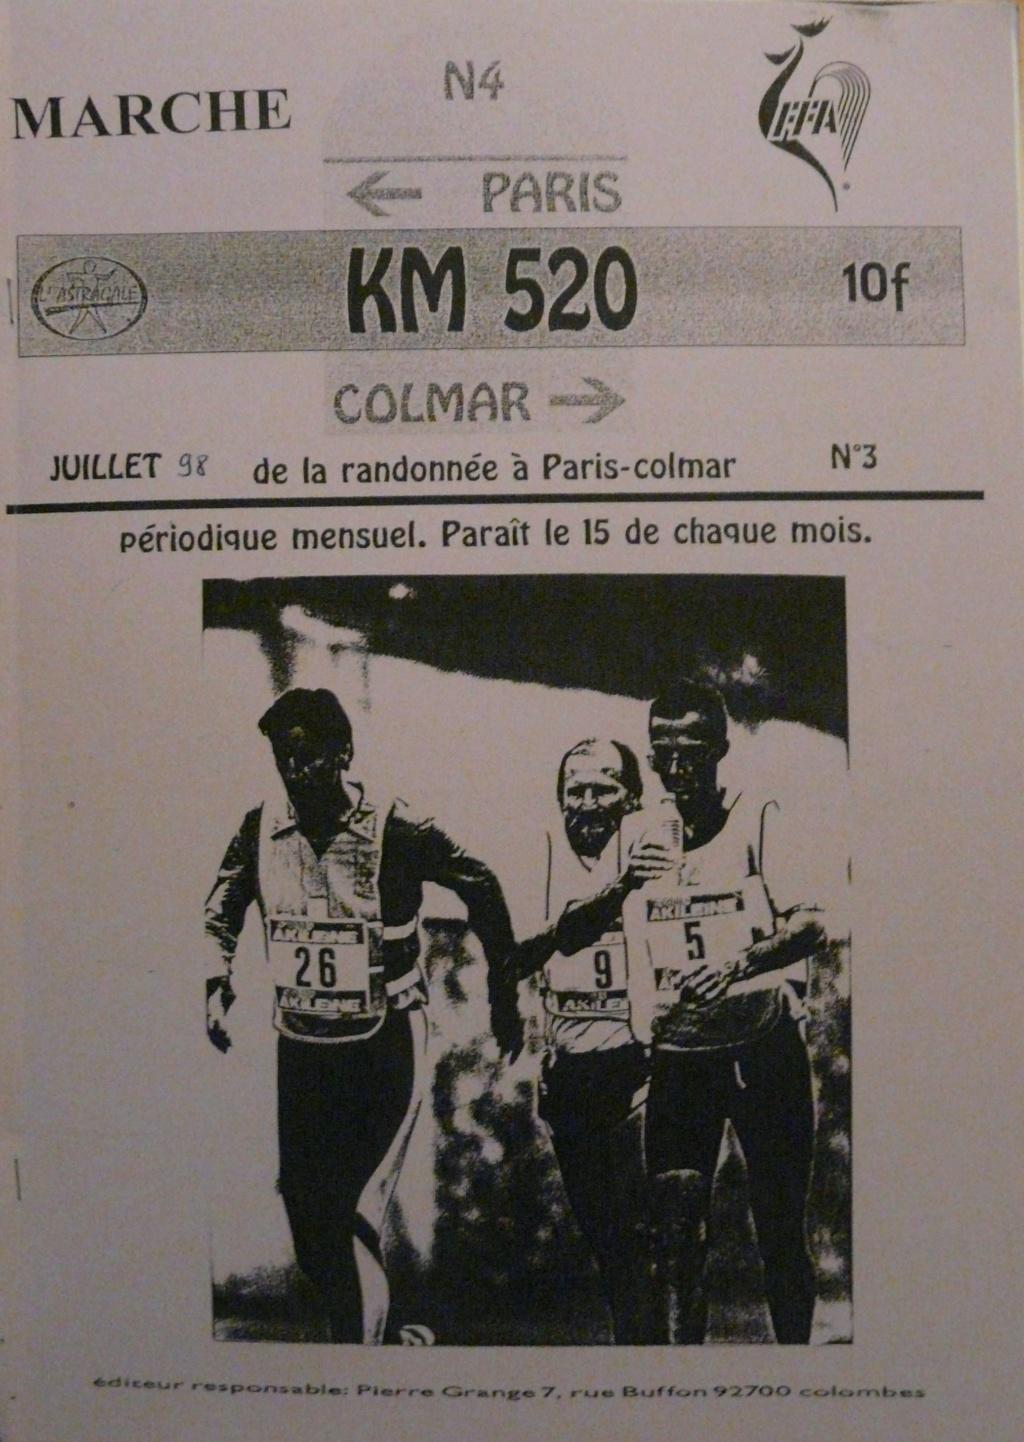 Le KM520 et ses éditos 1998-2002 P1260812